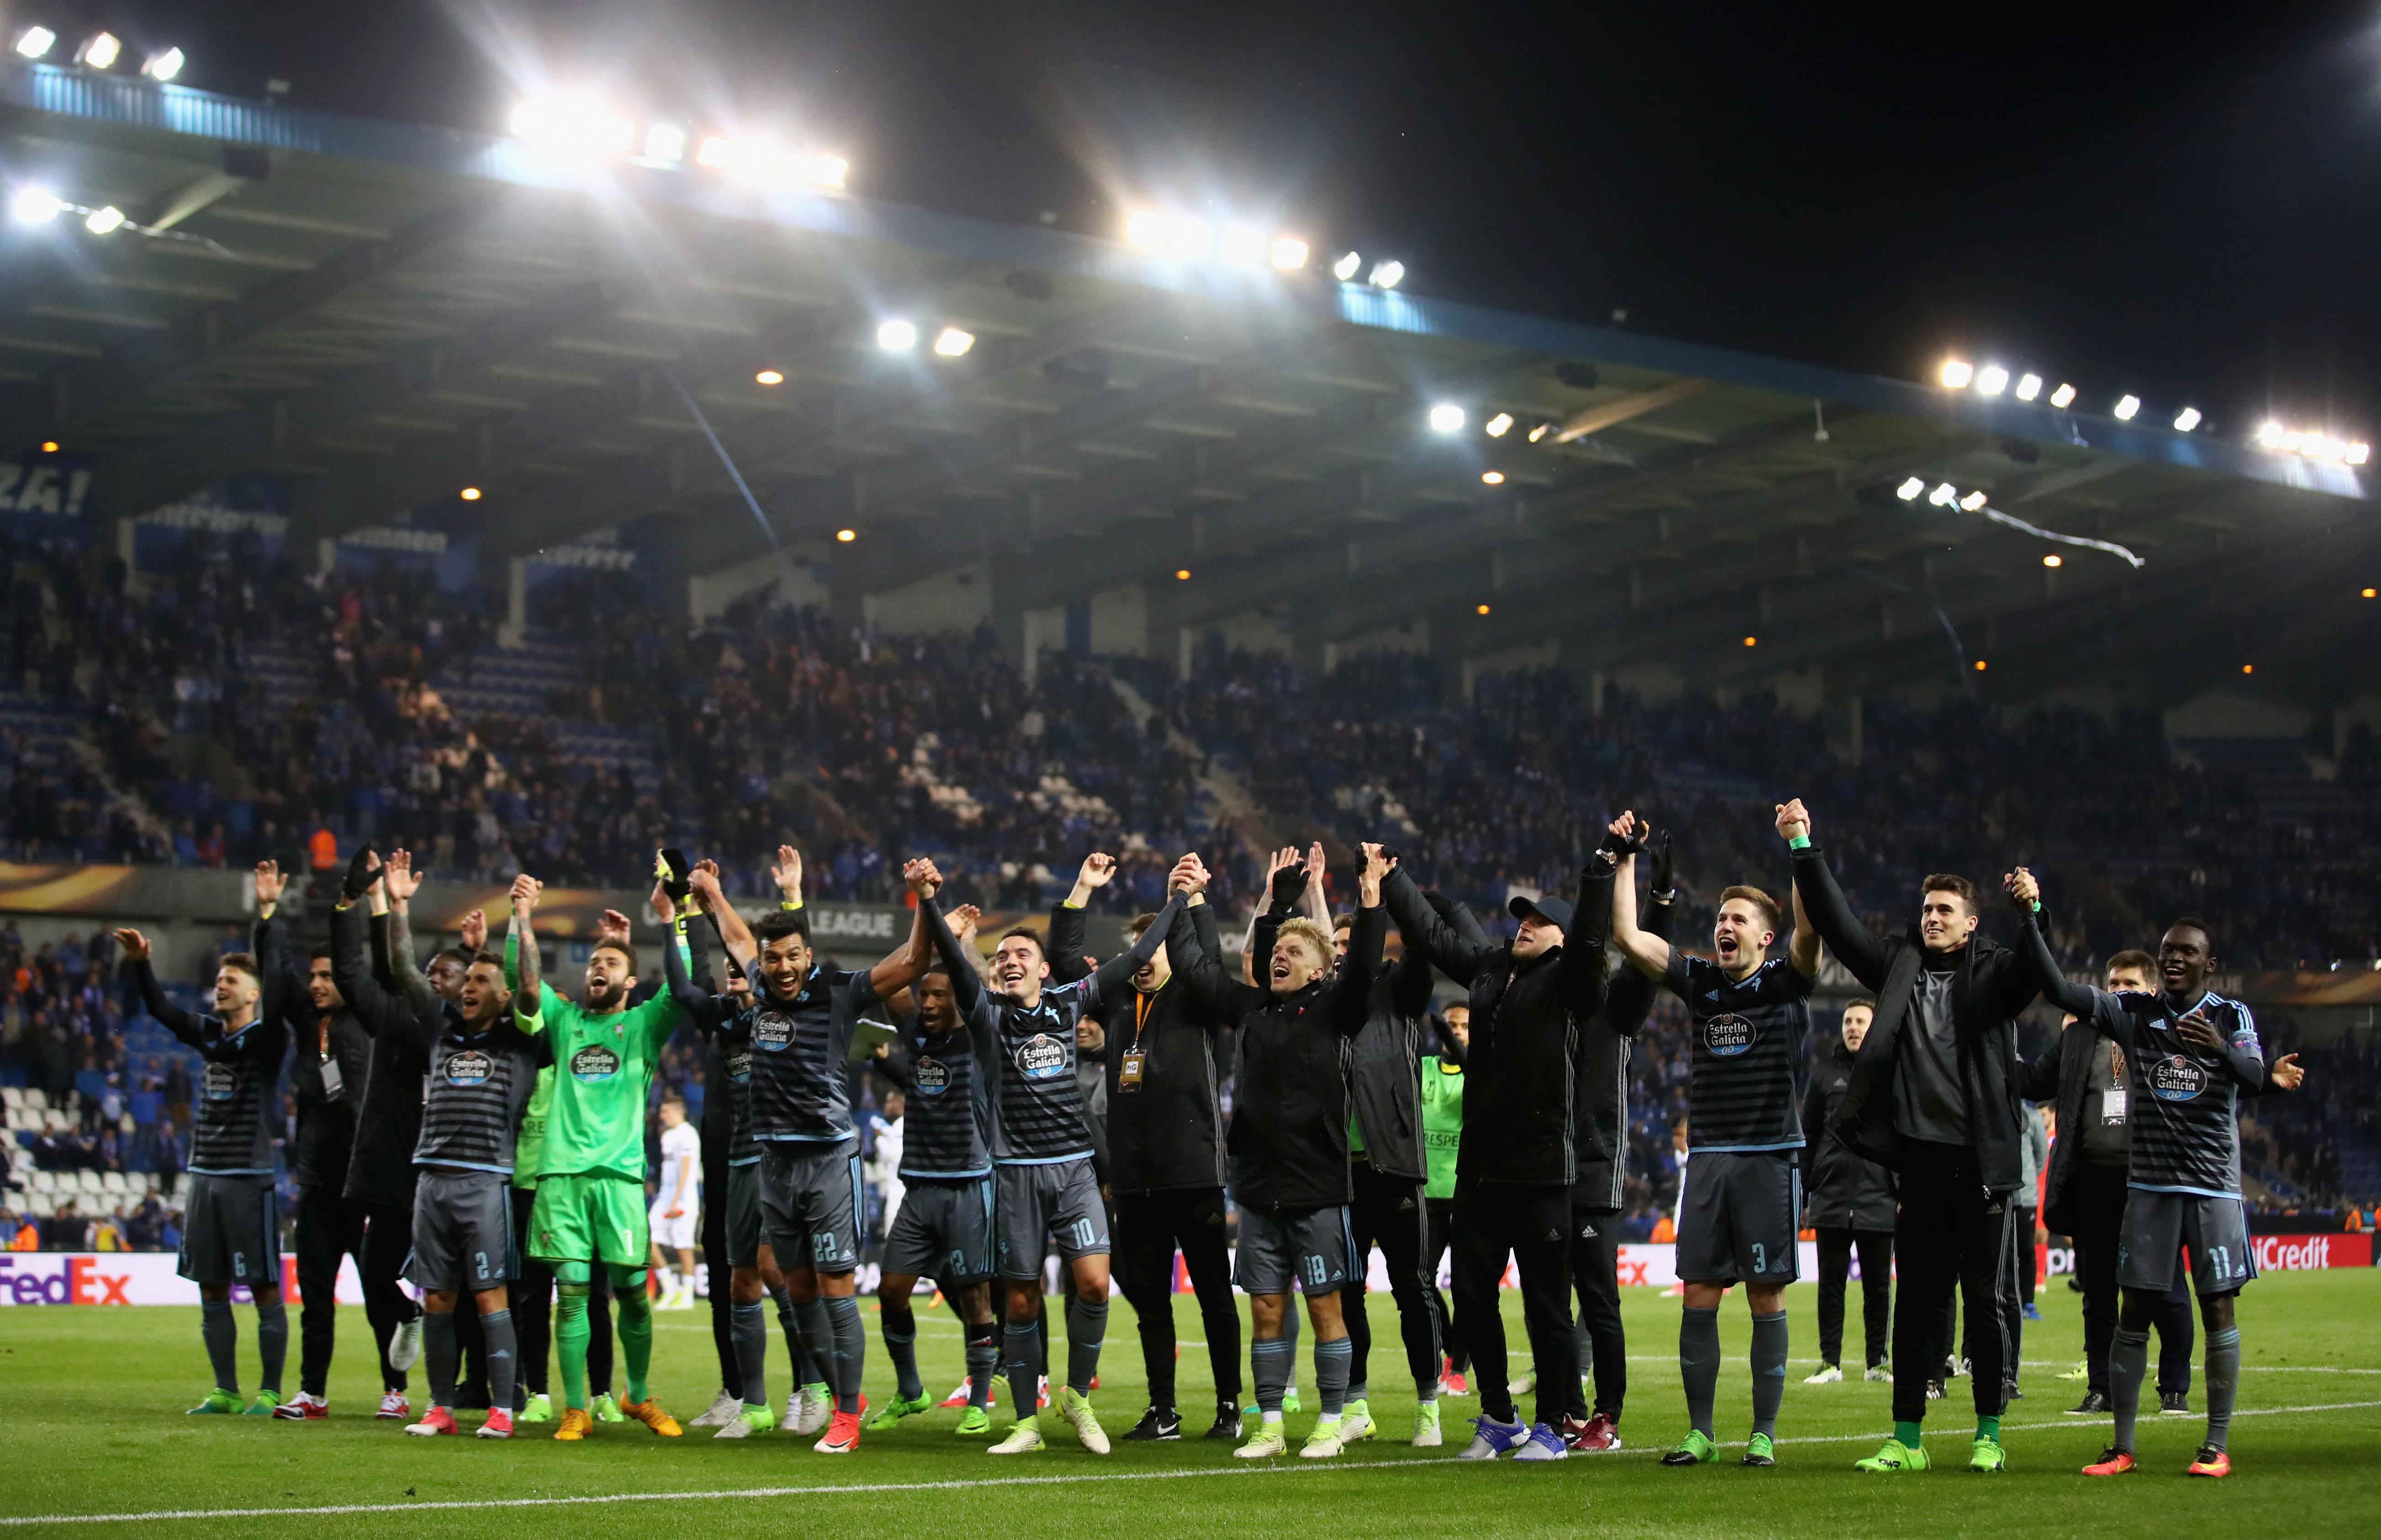 Сельта— Манчестер Юнайтед прогноз иставки отспециалиста 04.05.17